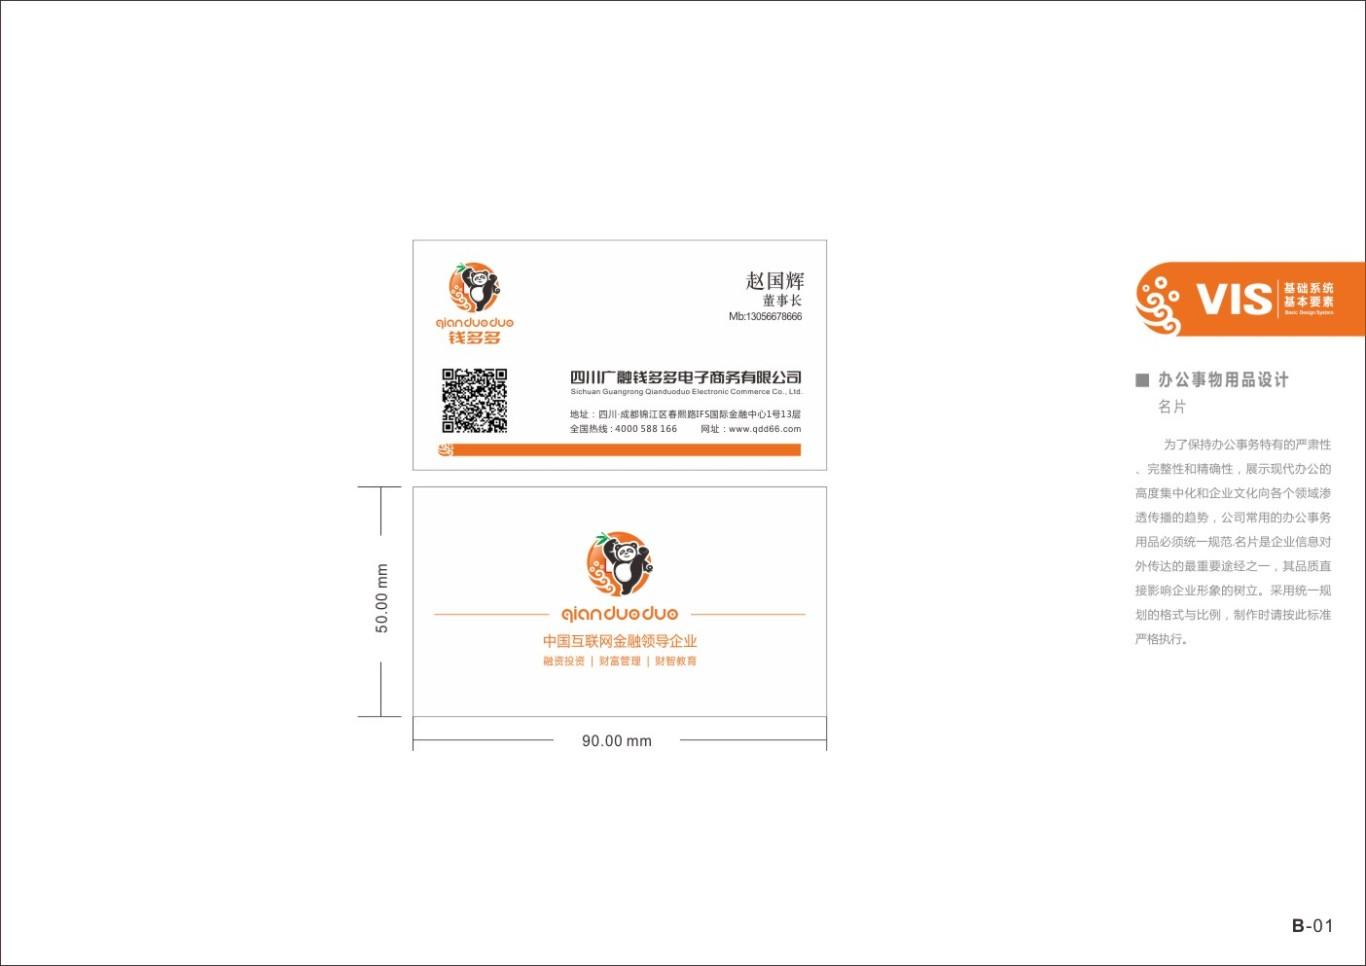 四川广融钱多多品牌及VI形象设计图17